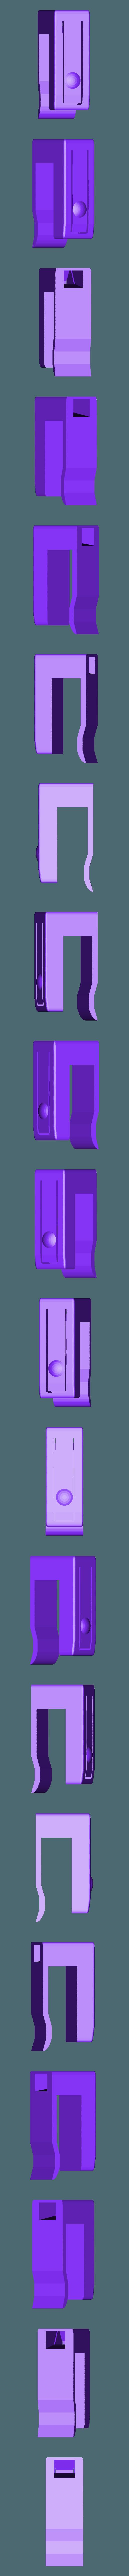 switch06.stl Télécharger fichier STL gratuit Lampe de bureau sur mesure • Design à imprimer en 3D, shermluge